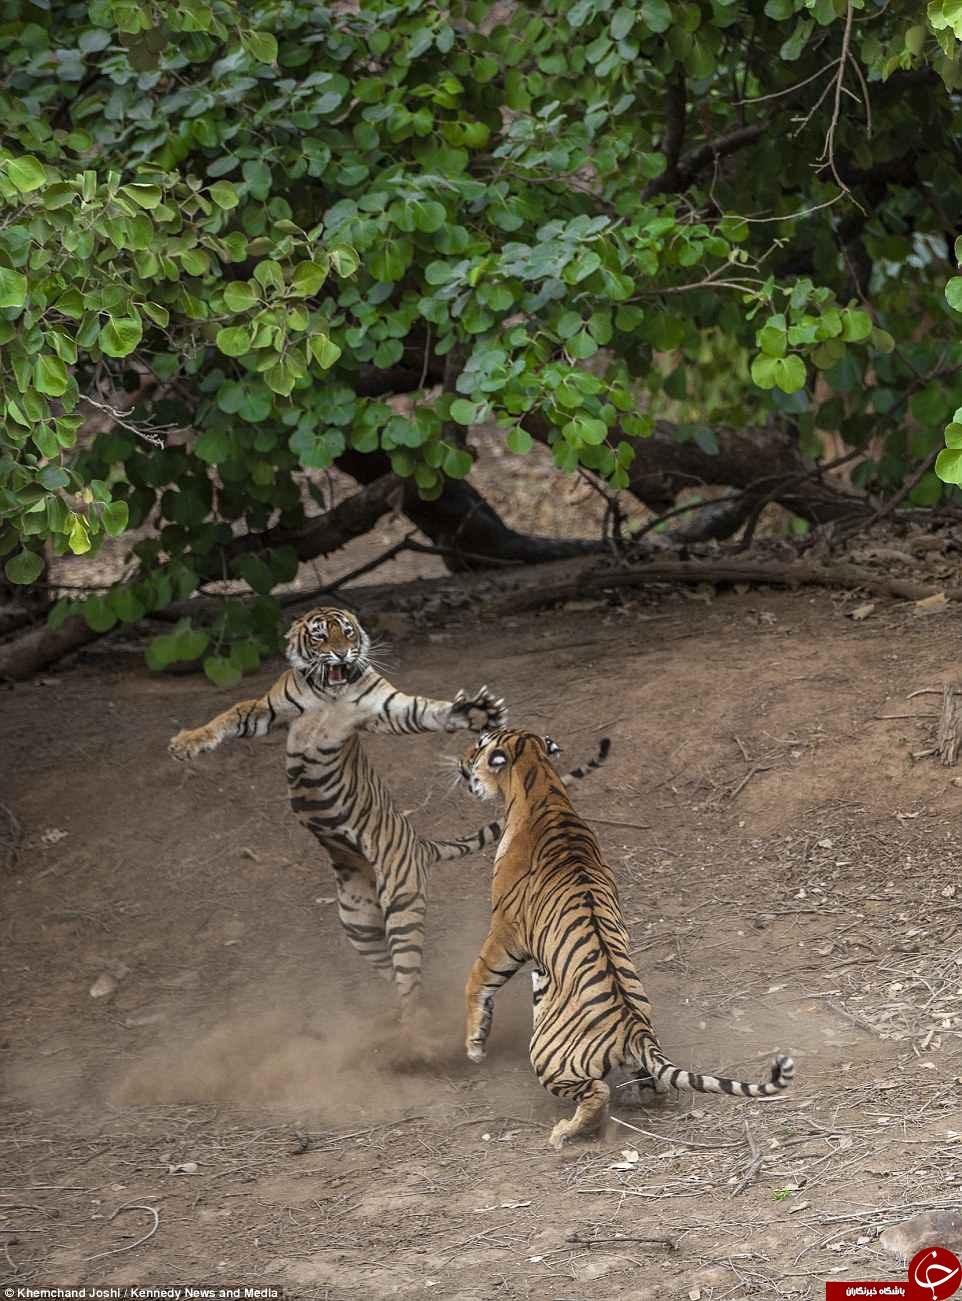 تصاویری شگفت انگیز از جنگ دو ببر نر و ماده در پارک جنگلی هند +تصاویر